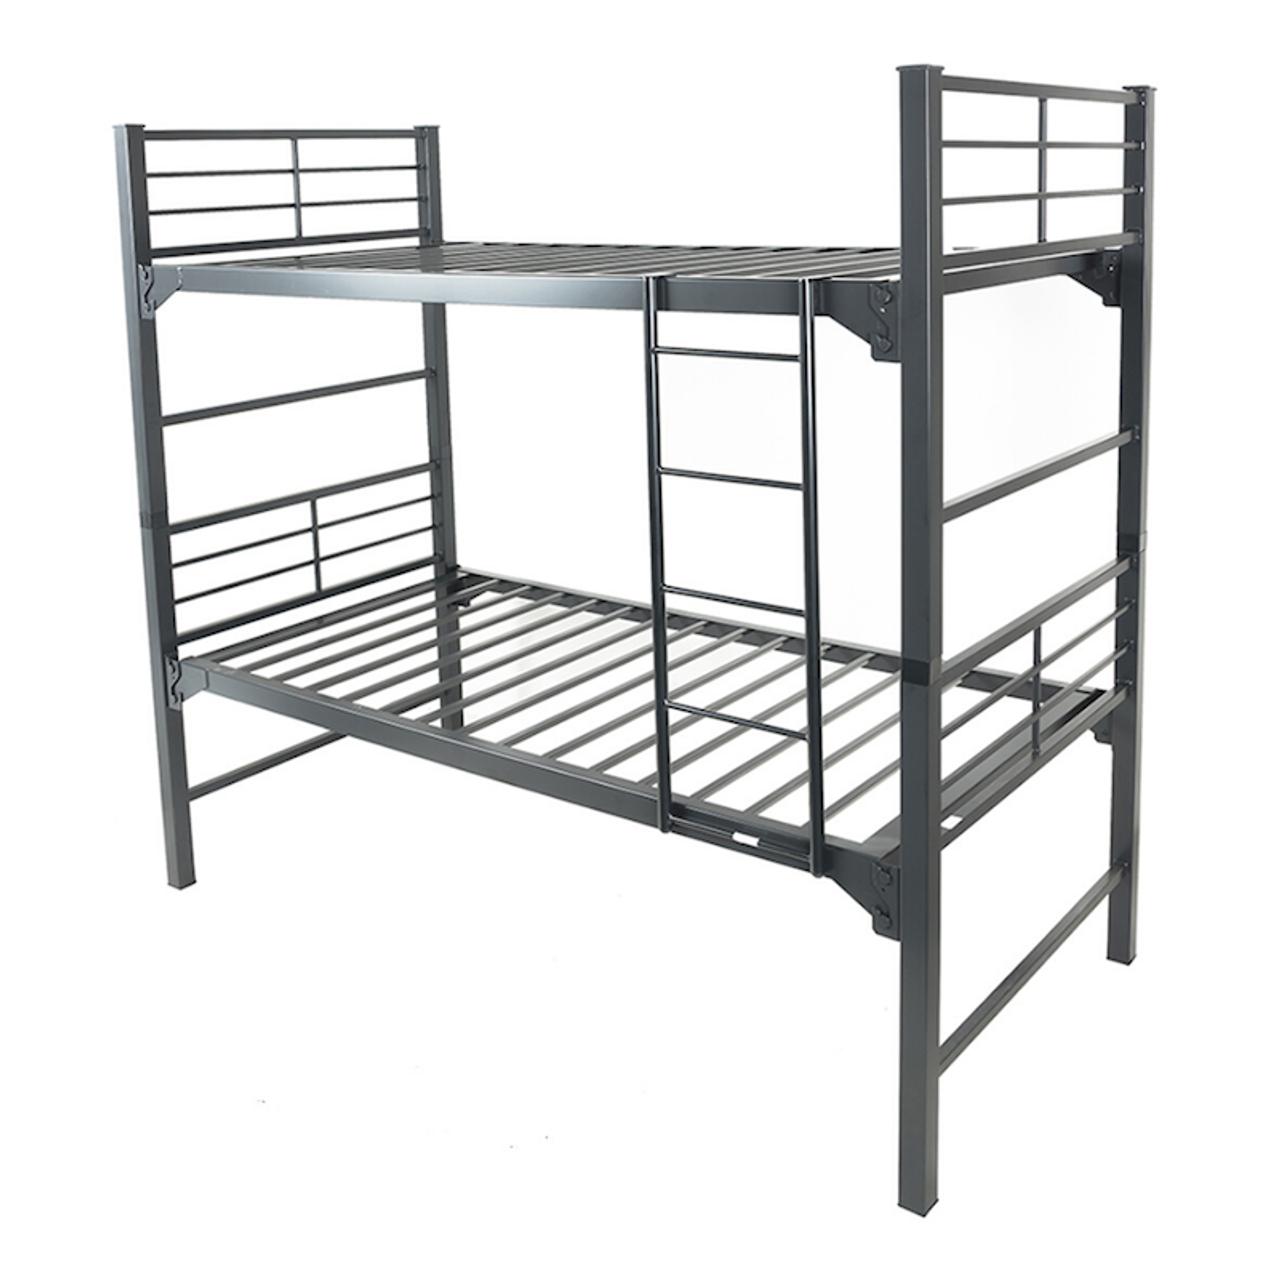 Metal Bunk Beds Long Tall 39x80